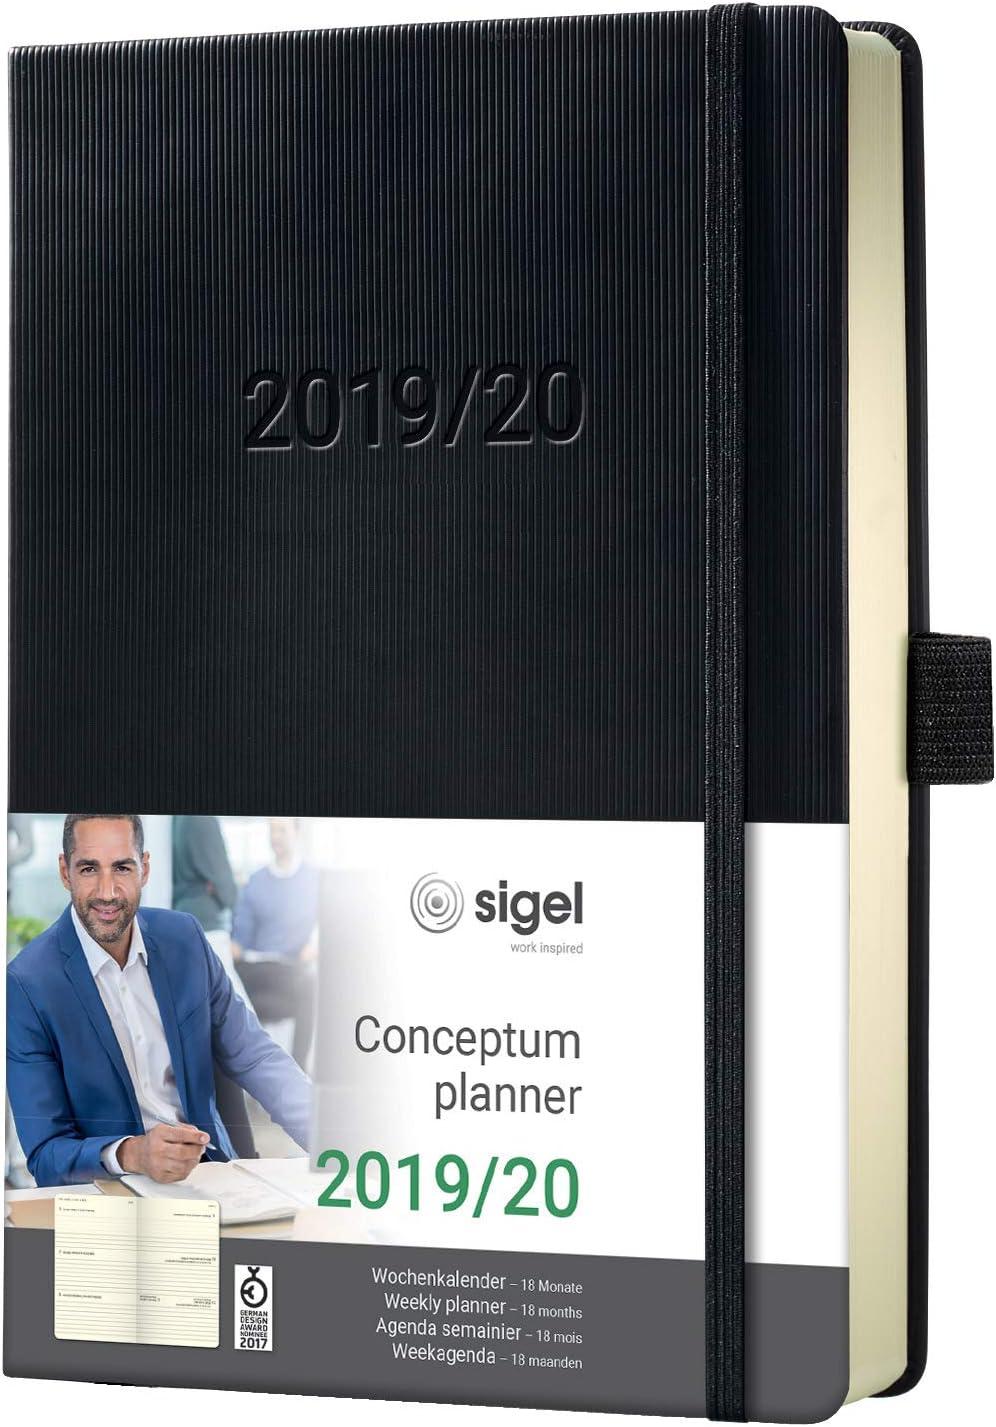 SIGEL C2002 Agenda semanal 2019/2020, Conceptum, 18 meses, tapa dura, 10,8 x 15,1 cm, negro